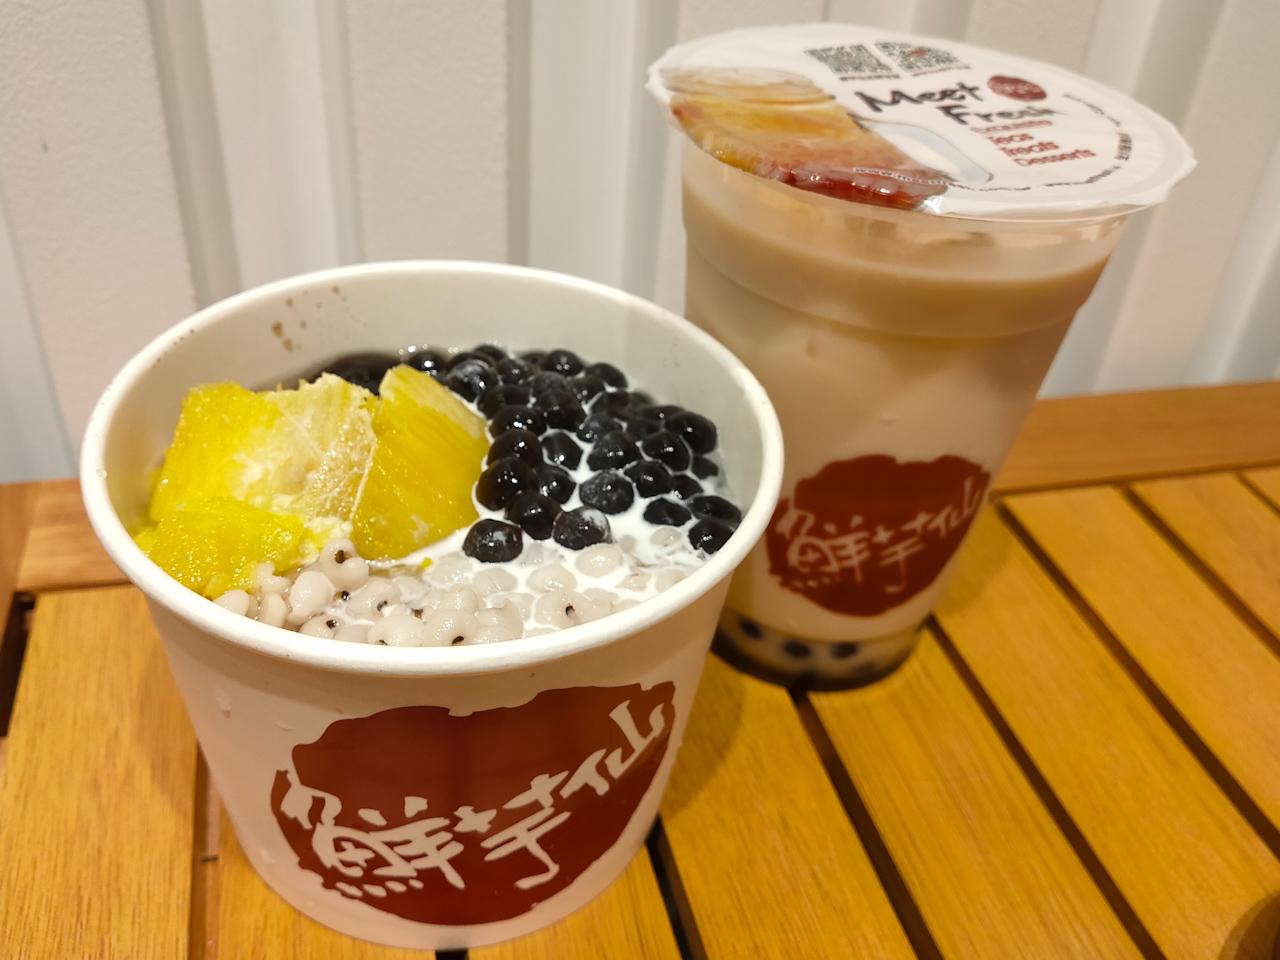 台湾のハーブ「仙草」で作ったゼリーに、はと麦・さつまいも・タピオカが入った「仙草2号」